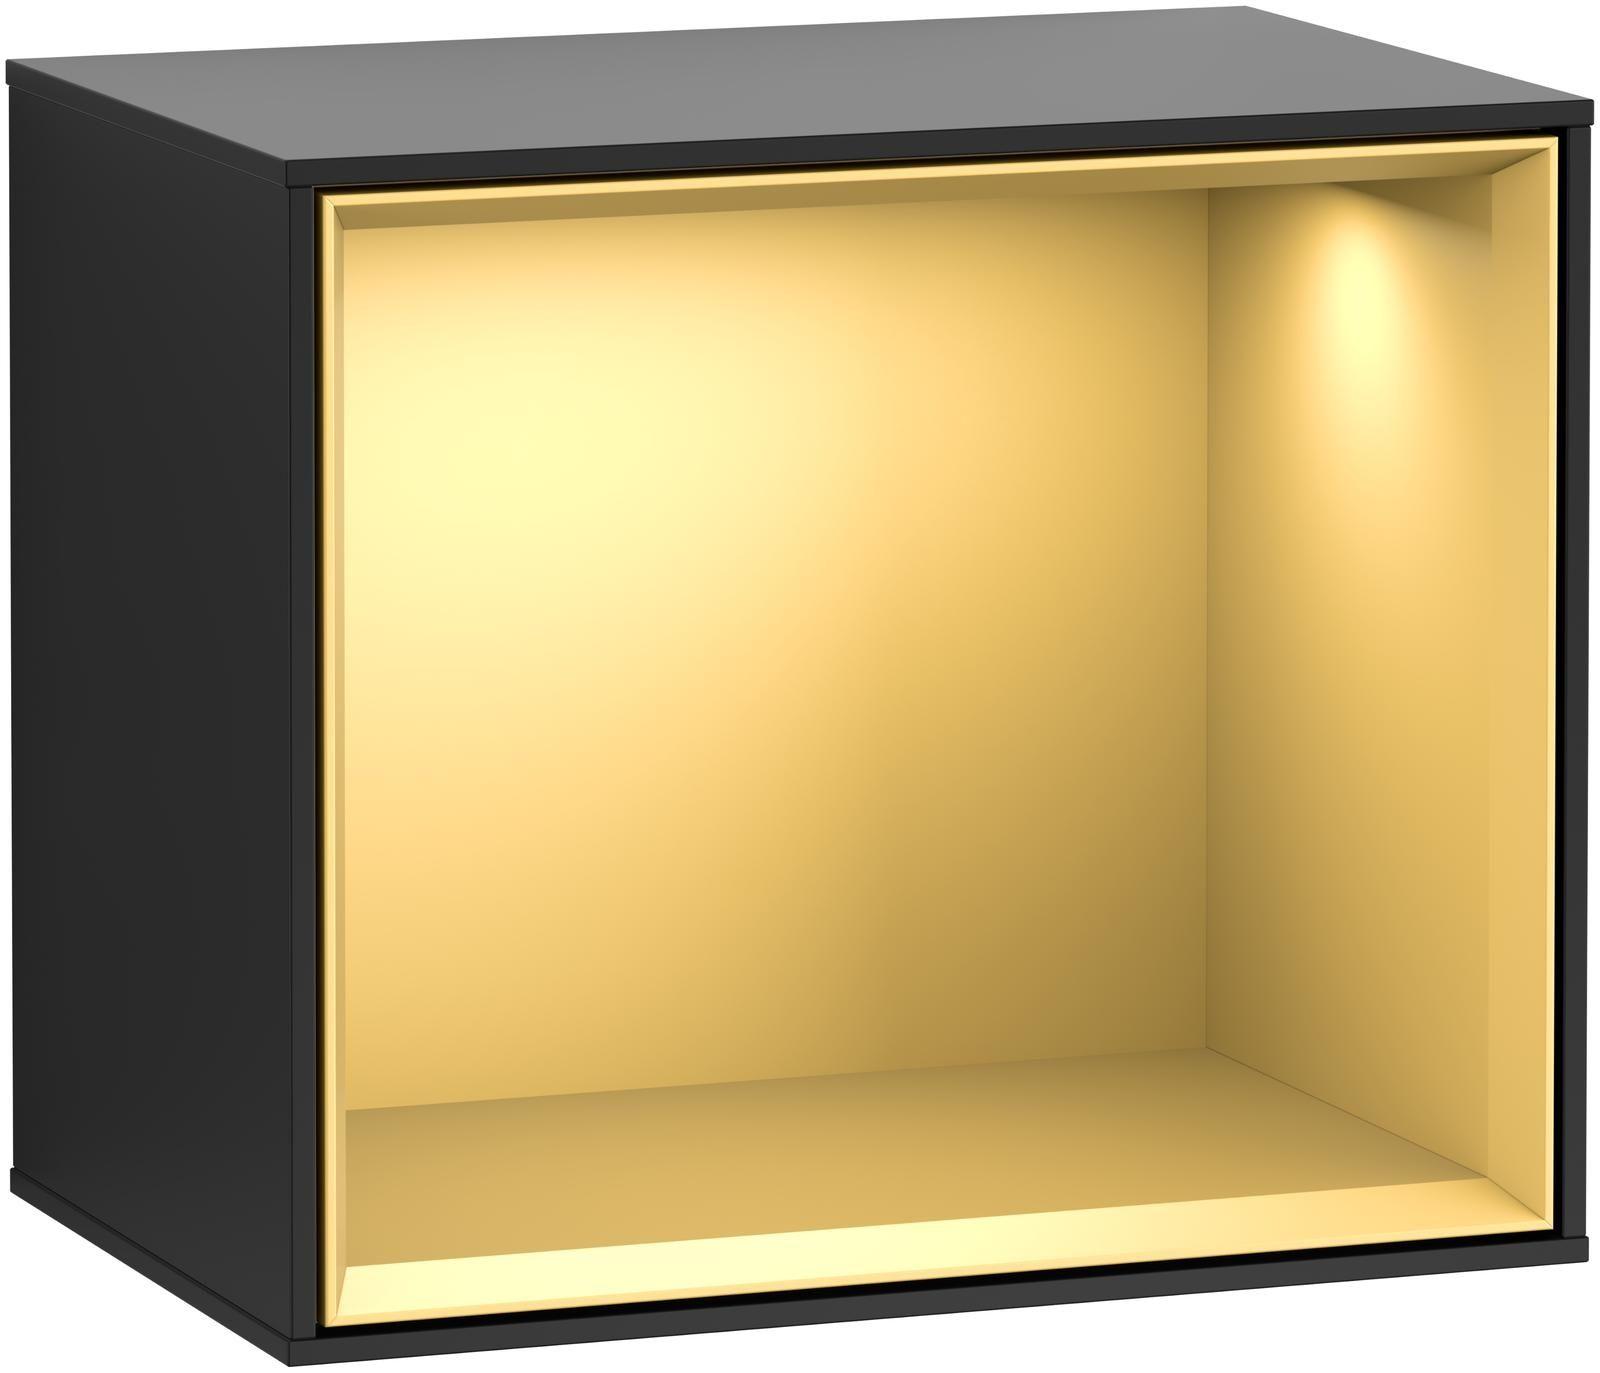 Villeroy & Boch Finion F58 Regalmodul LED-Beleuchtung B:41,8xH:35,6xT:27cm Front, Korpus: Black Matt Lacquer, Regal: Gold Matt F580HFPD